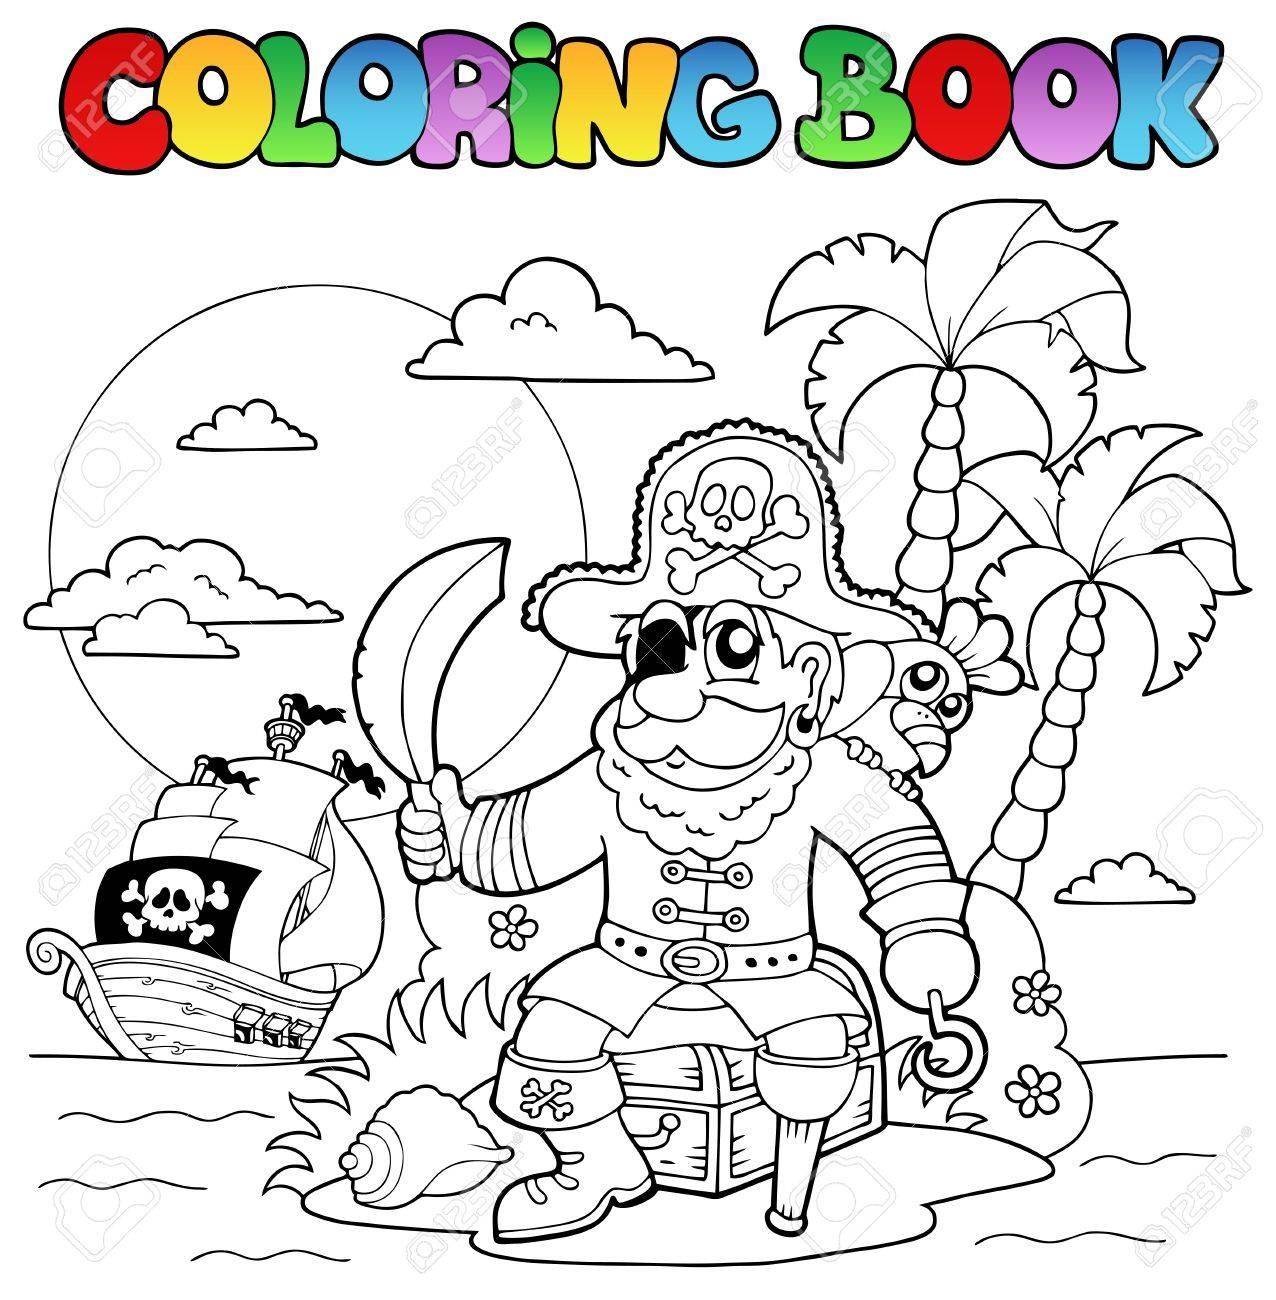 Libro Para Colorear Con Tema De Piratas 4 - Ilustración Vectorial ...